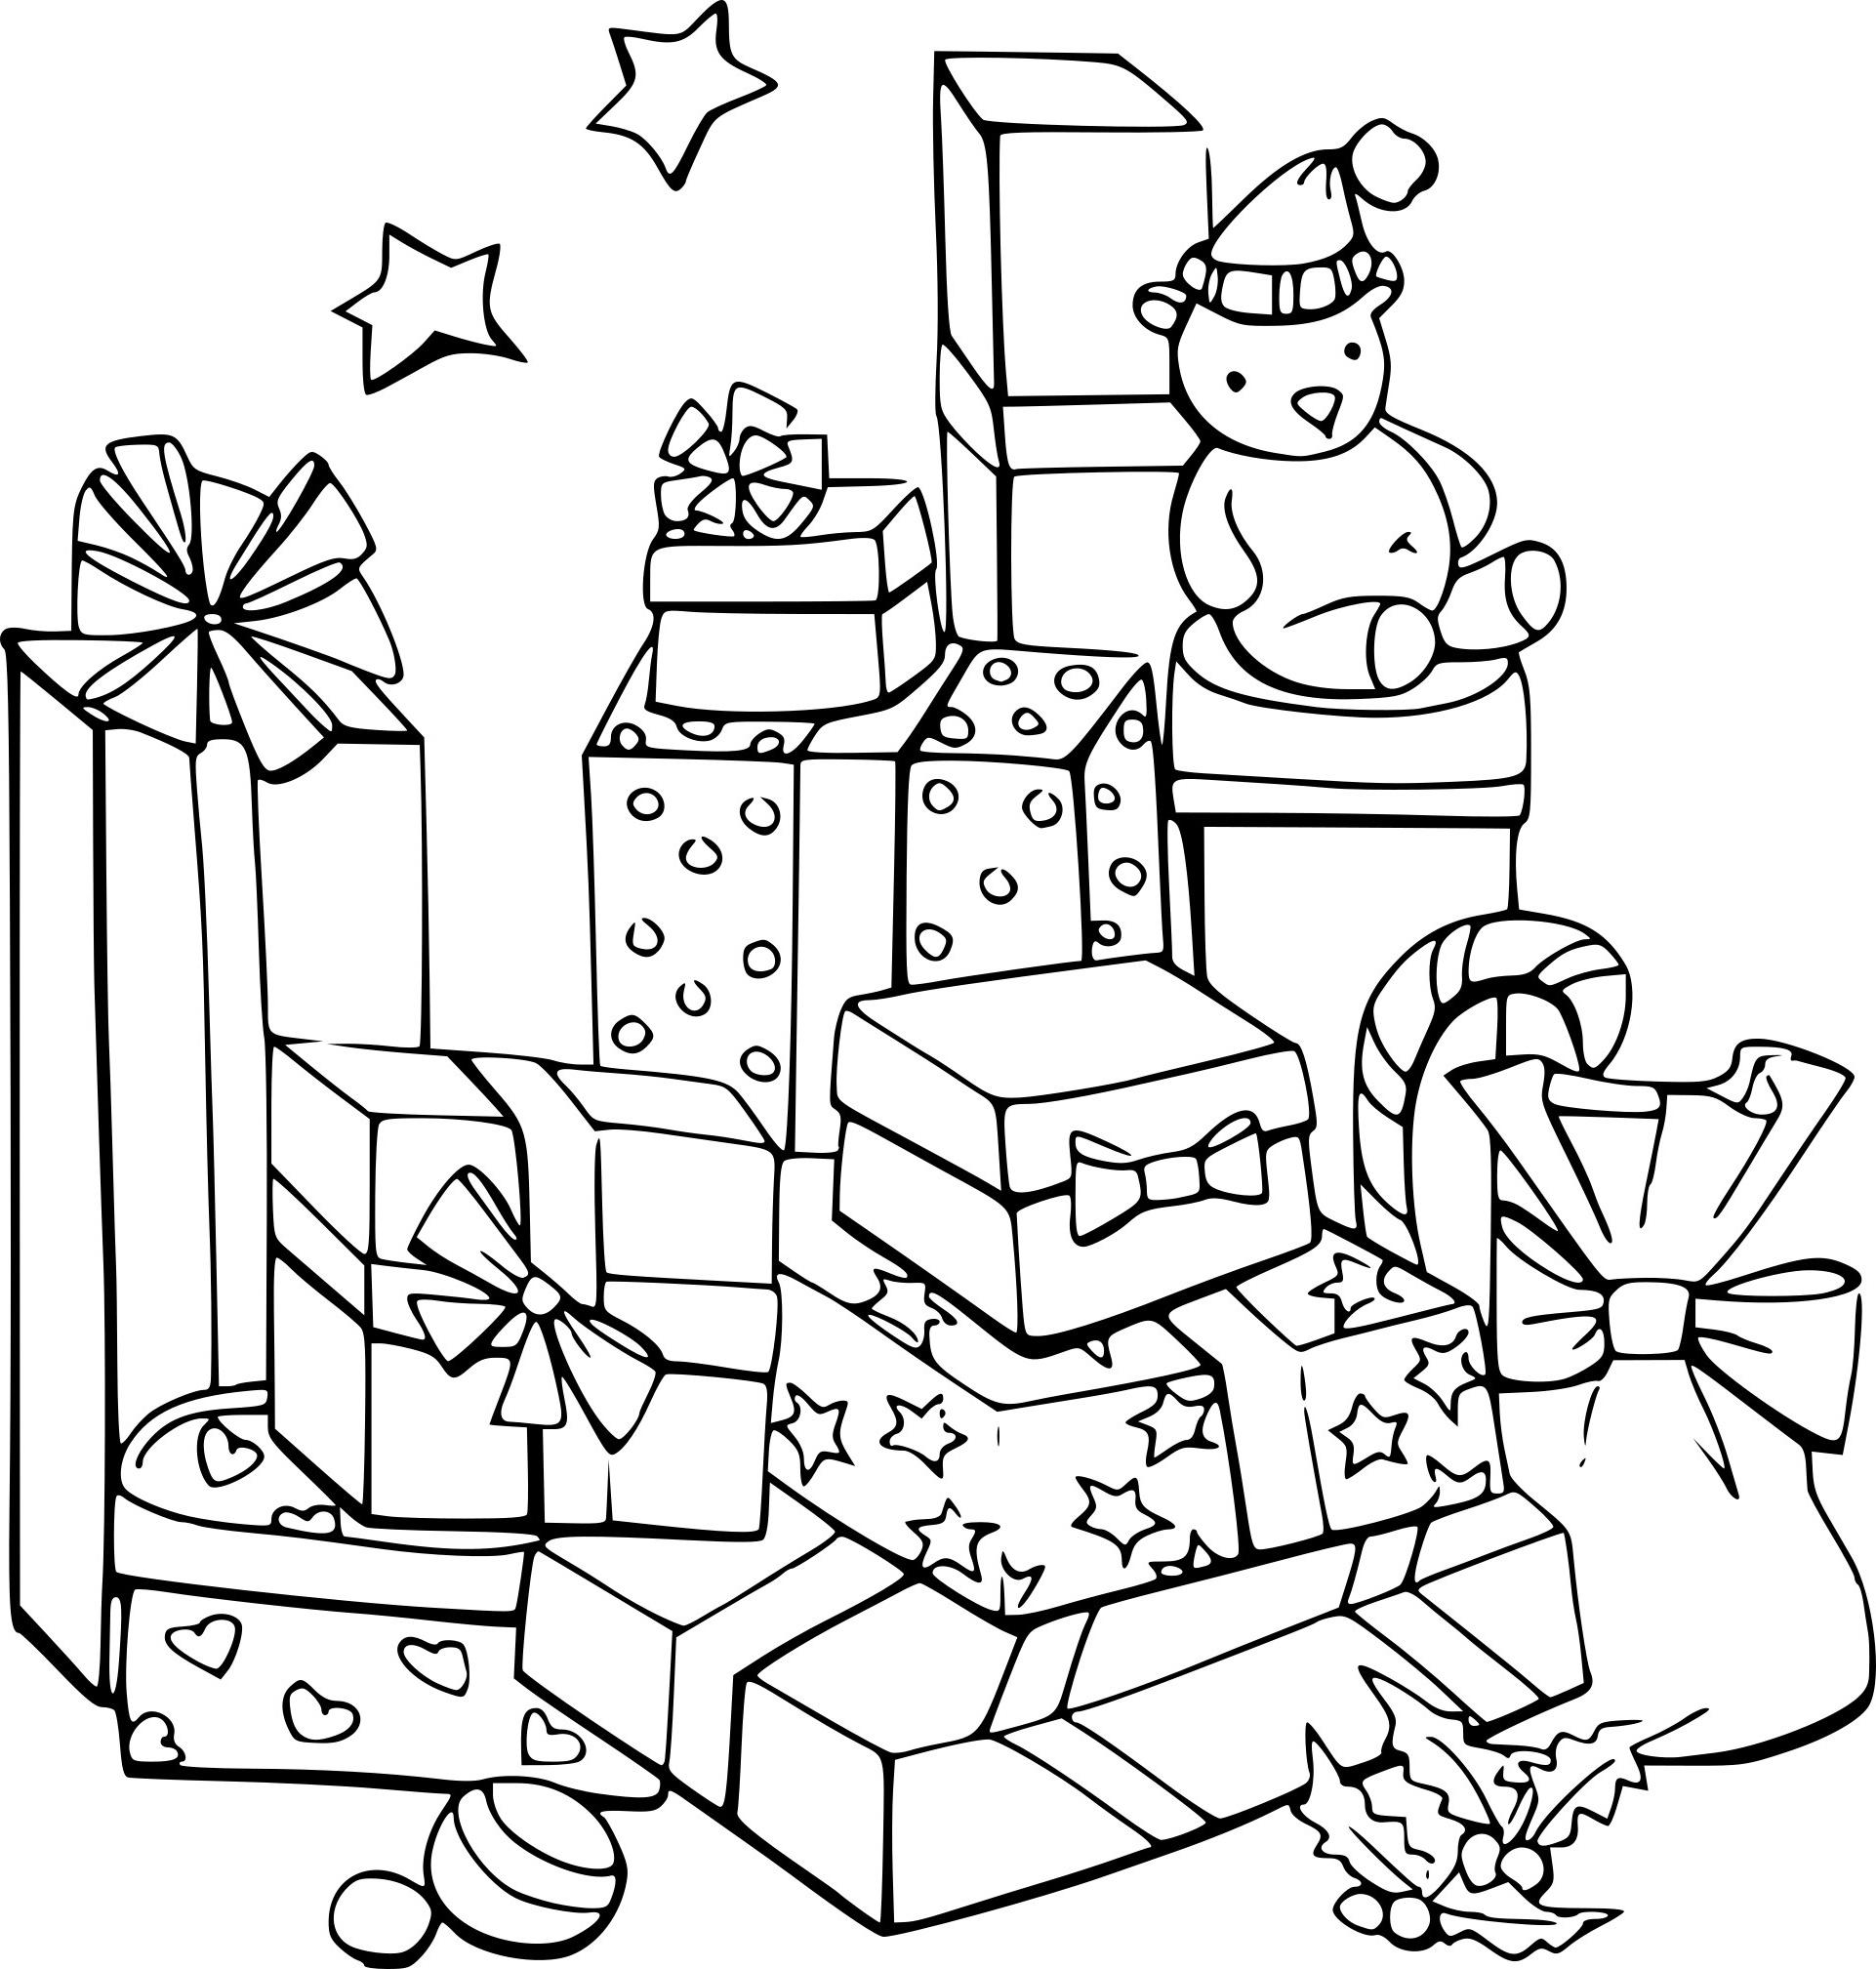 Coloriage De Noel Élégant Images Coloriage Cadeaux De Noel serapportantà Coloriage Cadeau De Noel